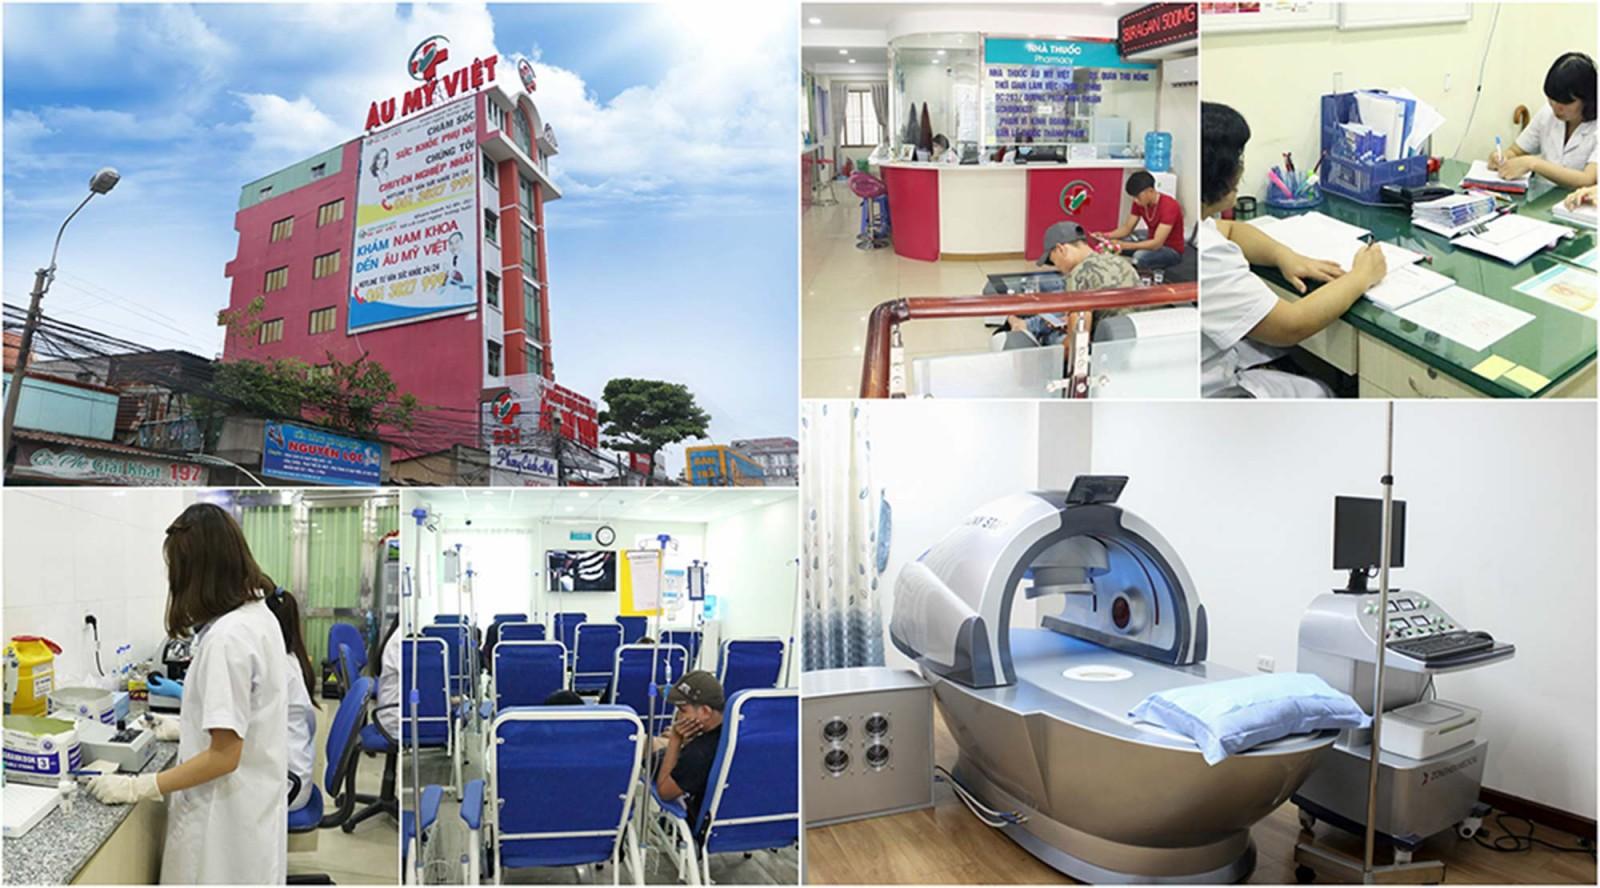 Trang thiết bị, bác sĩ điều trị bệnh lậu tại Đa khoa Âu Mỹ Việt